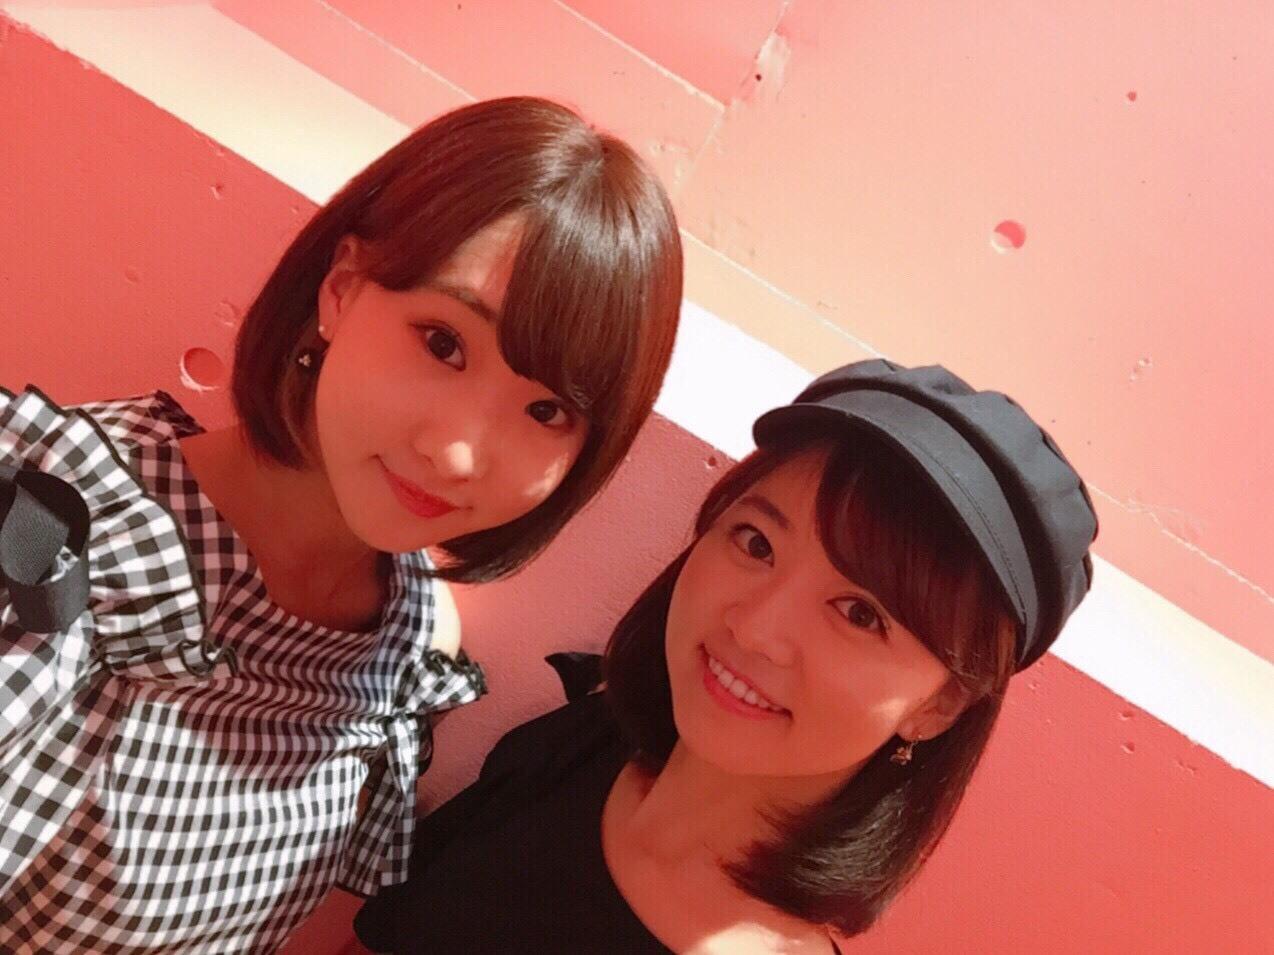 【 第55回❤︎ 】表参道 原宿カフェ&フォトスポット巡り!with菜美子ちゃん*_1_8